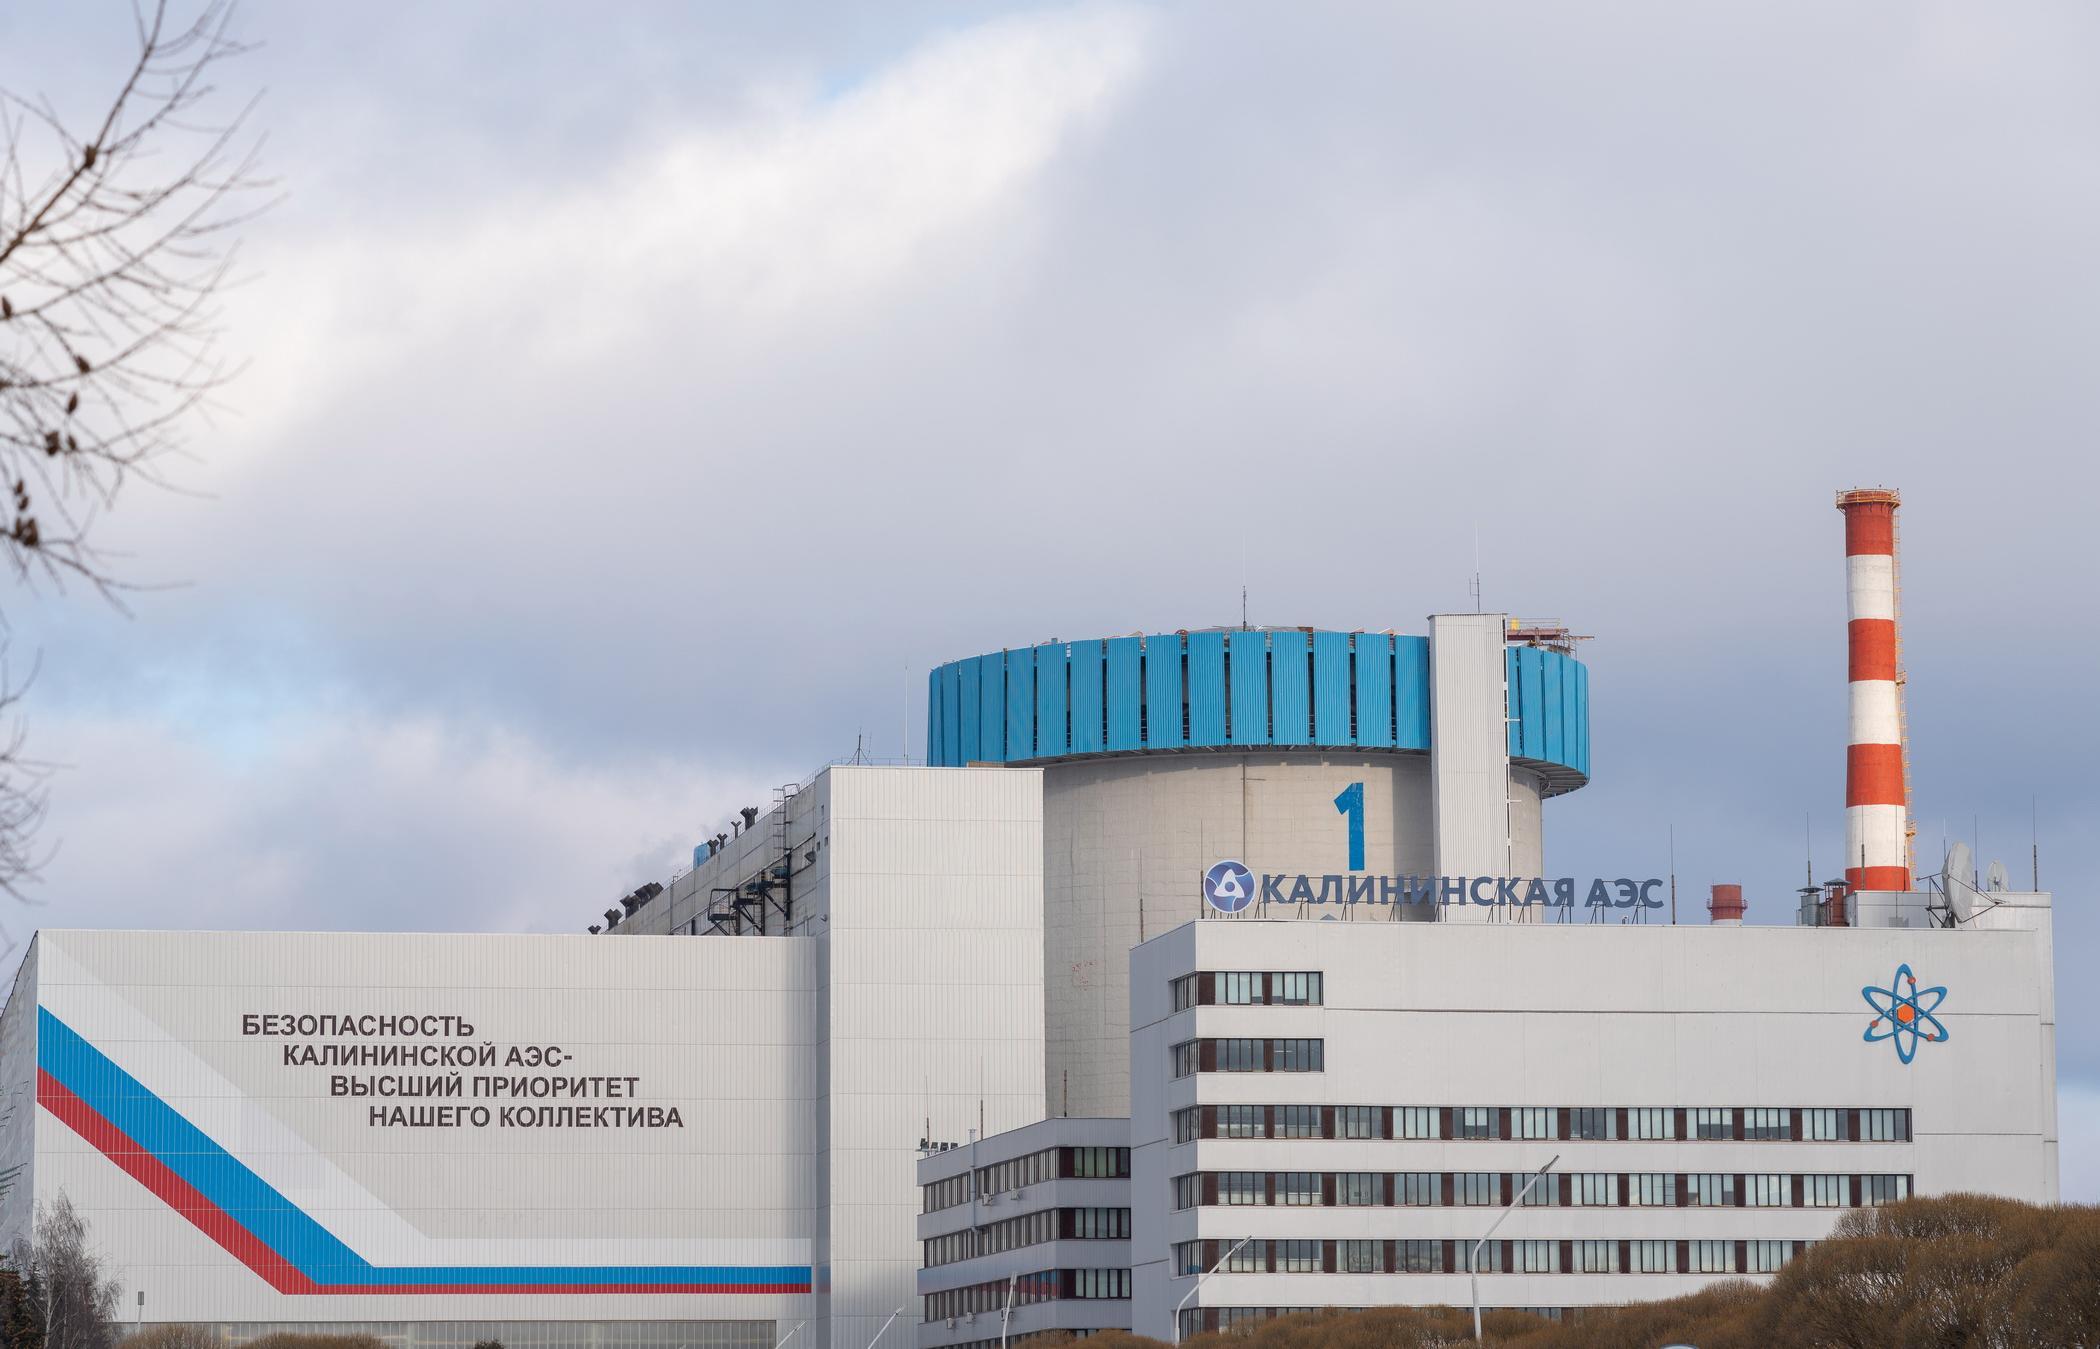 Калининская АЭС обеспечила почти 716 млн рублей дополнительной выручки с начала 2021 года - новости Афанасий